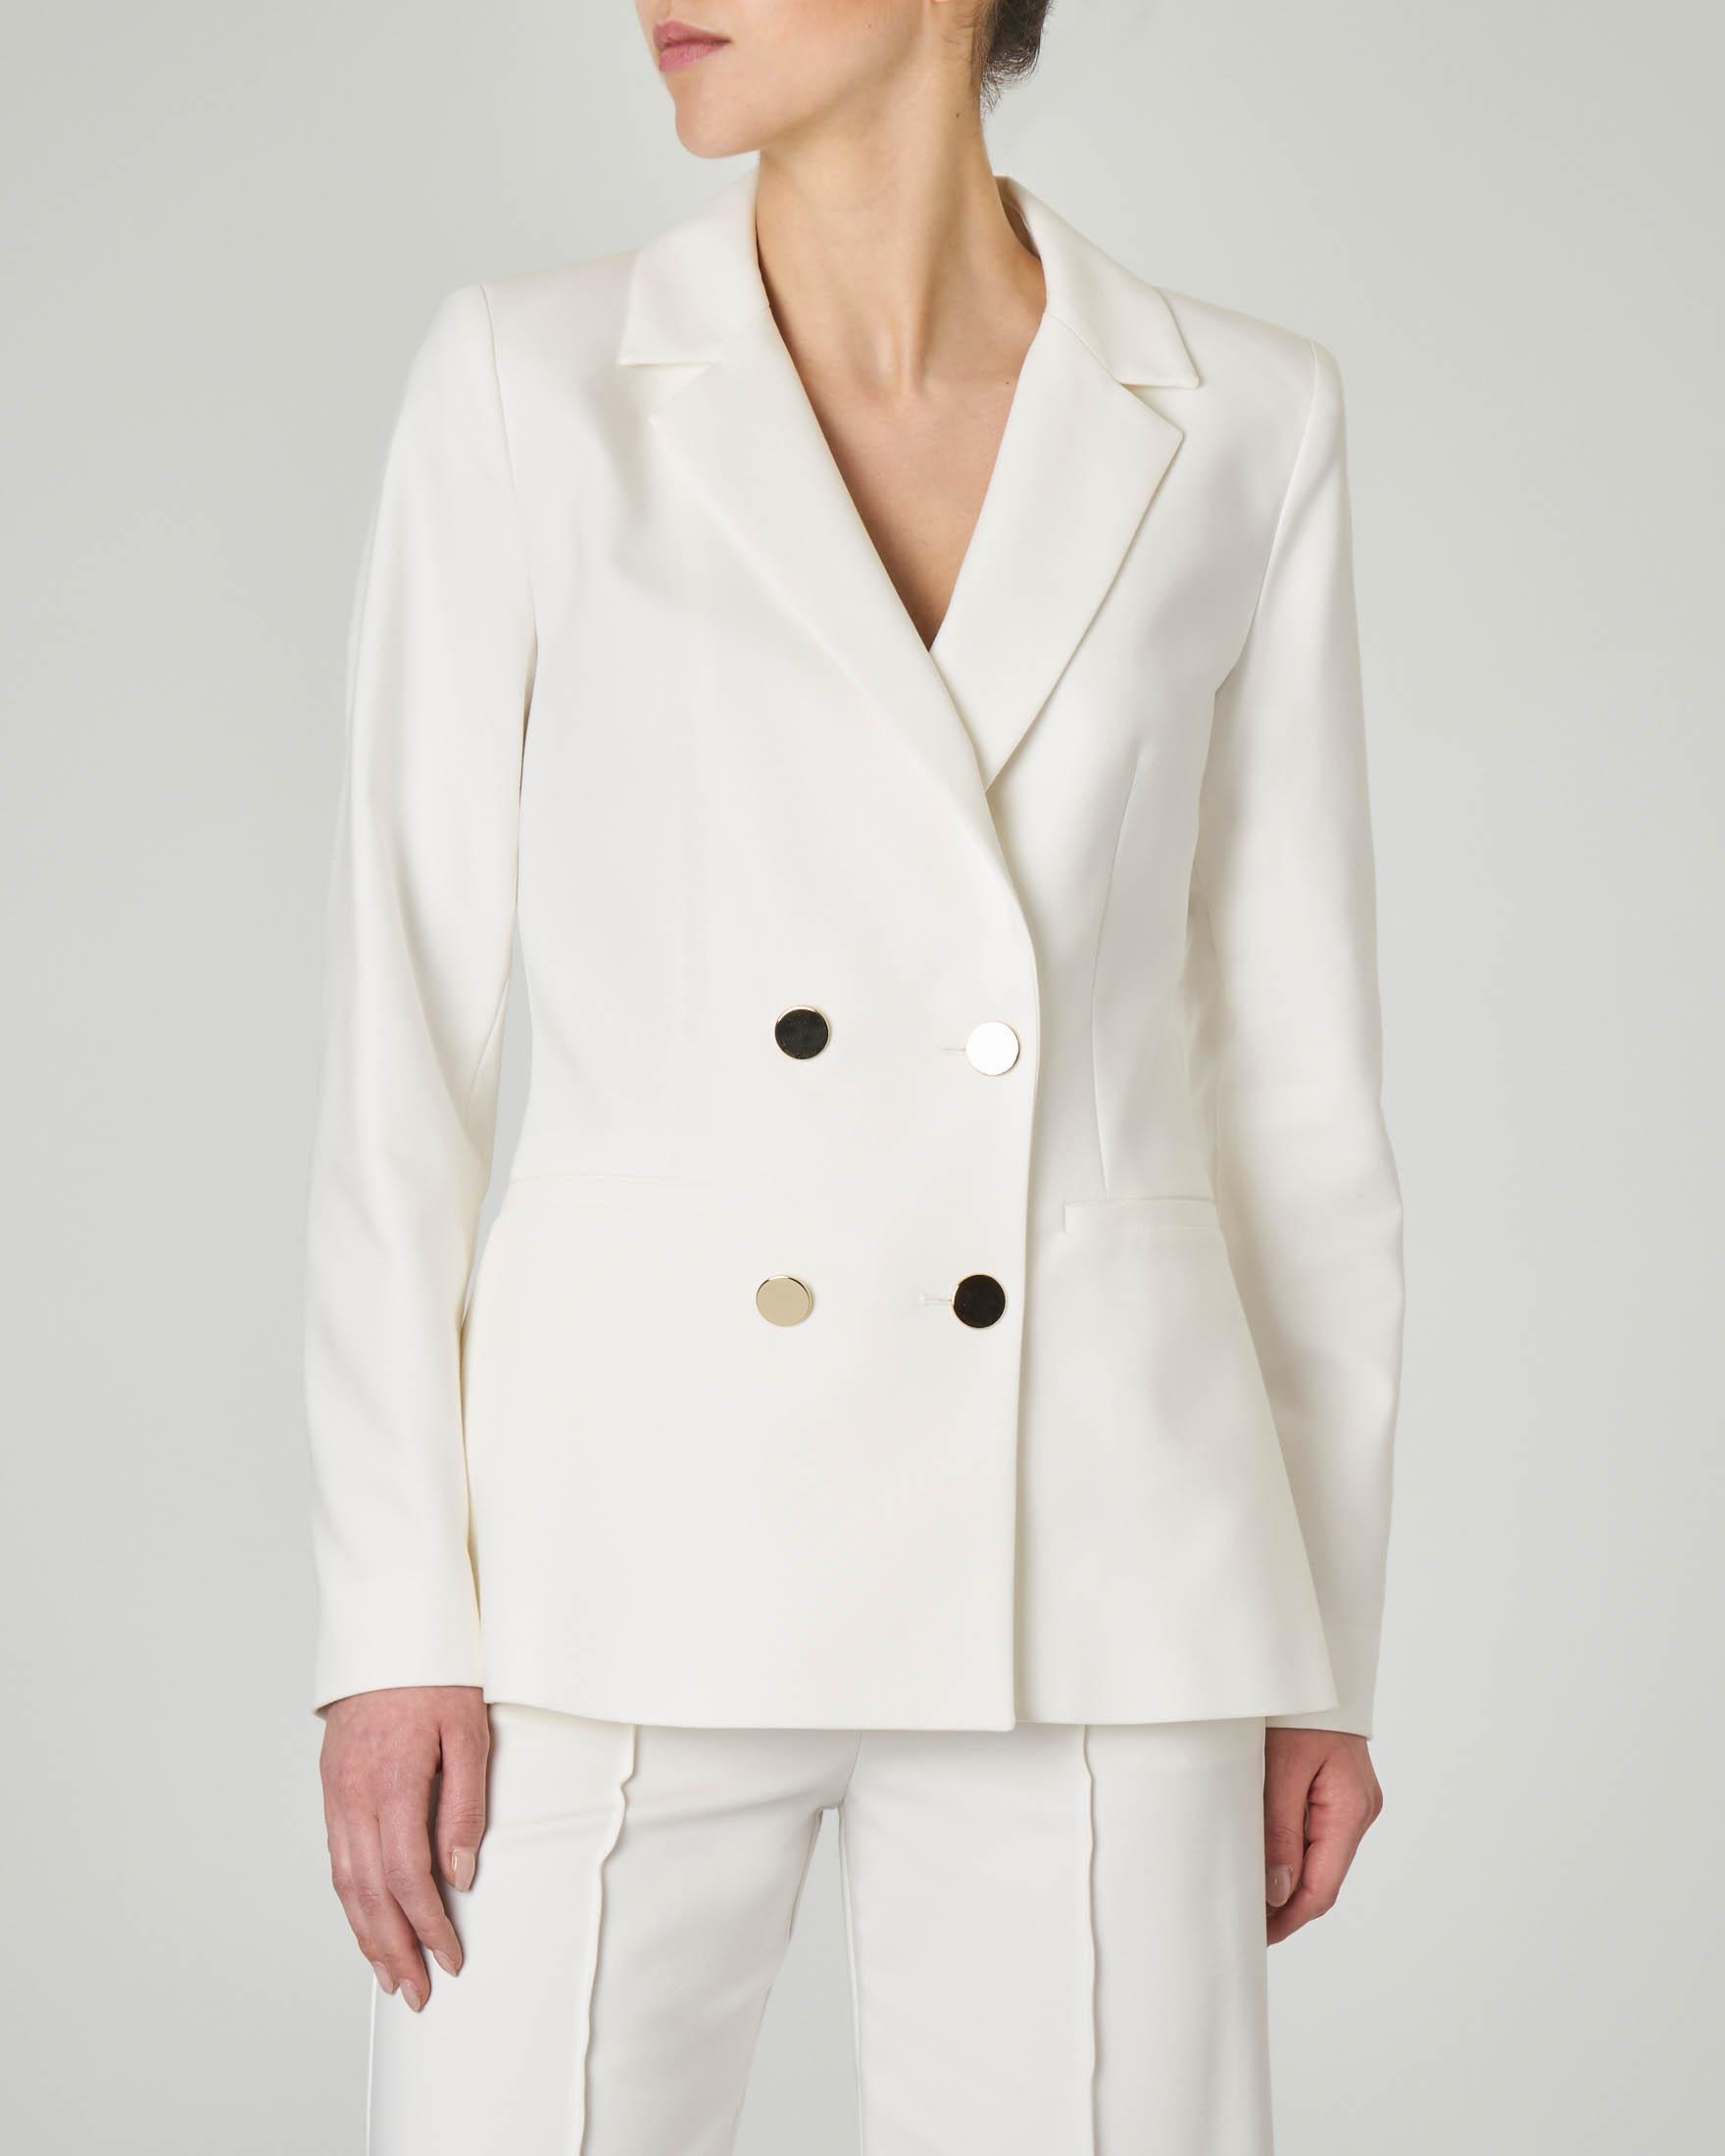 Giacca bianca doppio petto in misto cotone con bottoni dorati